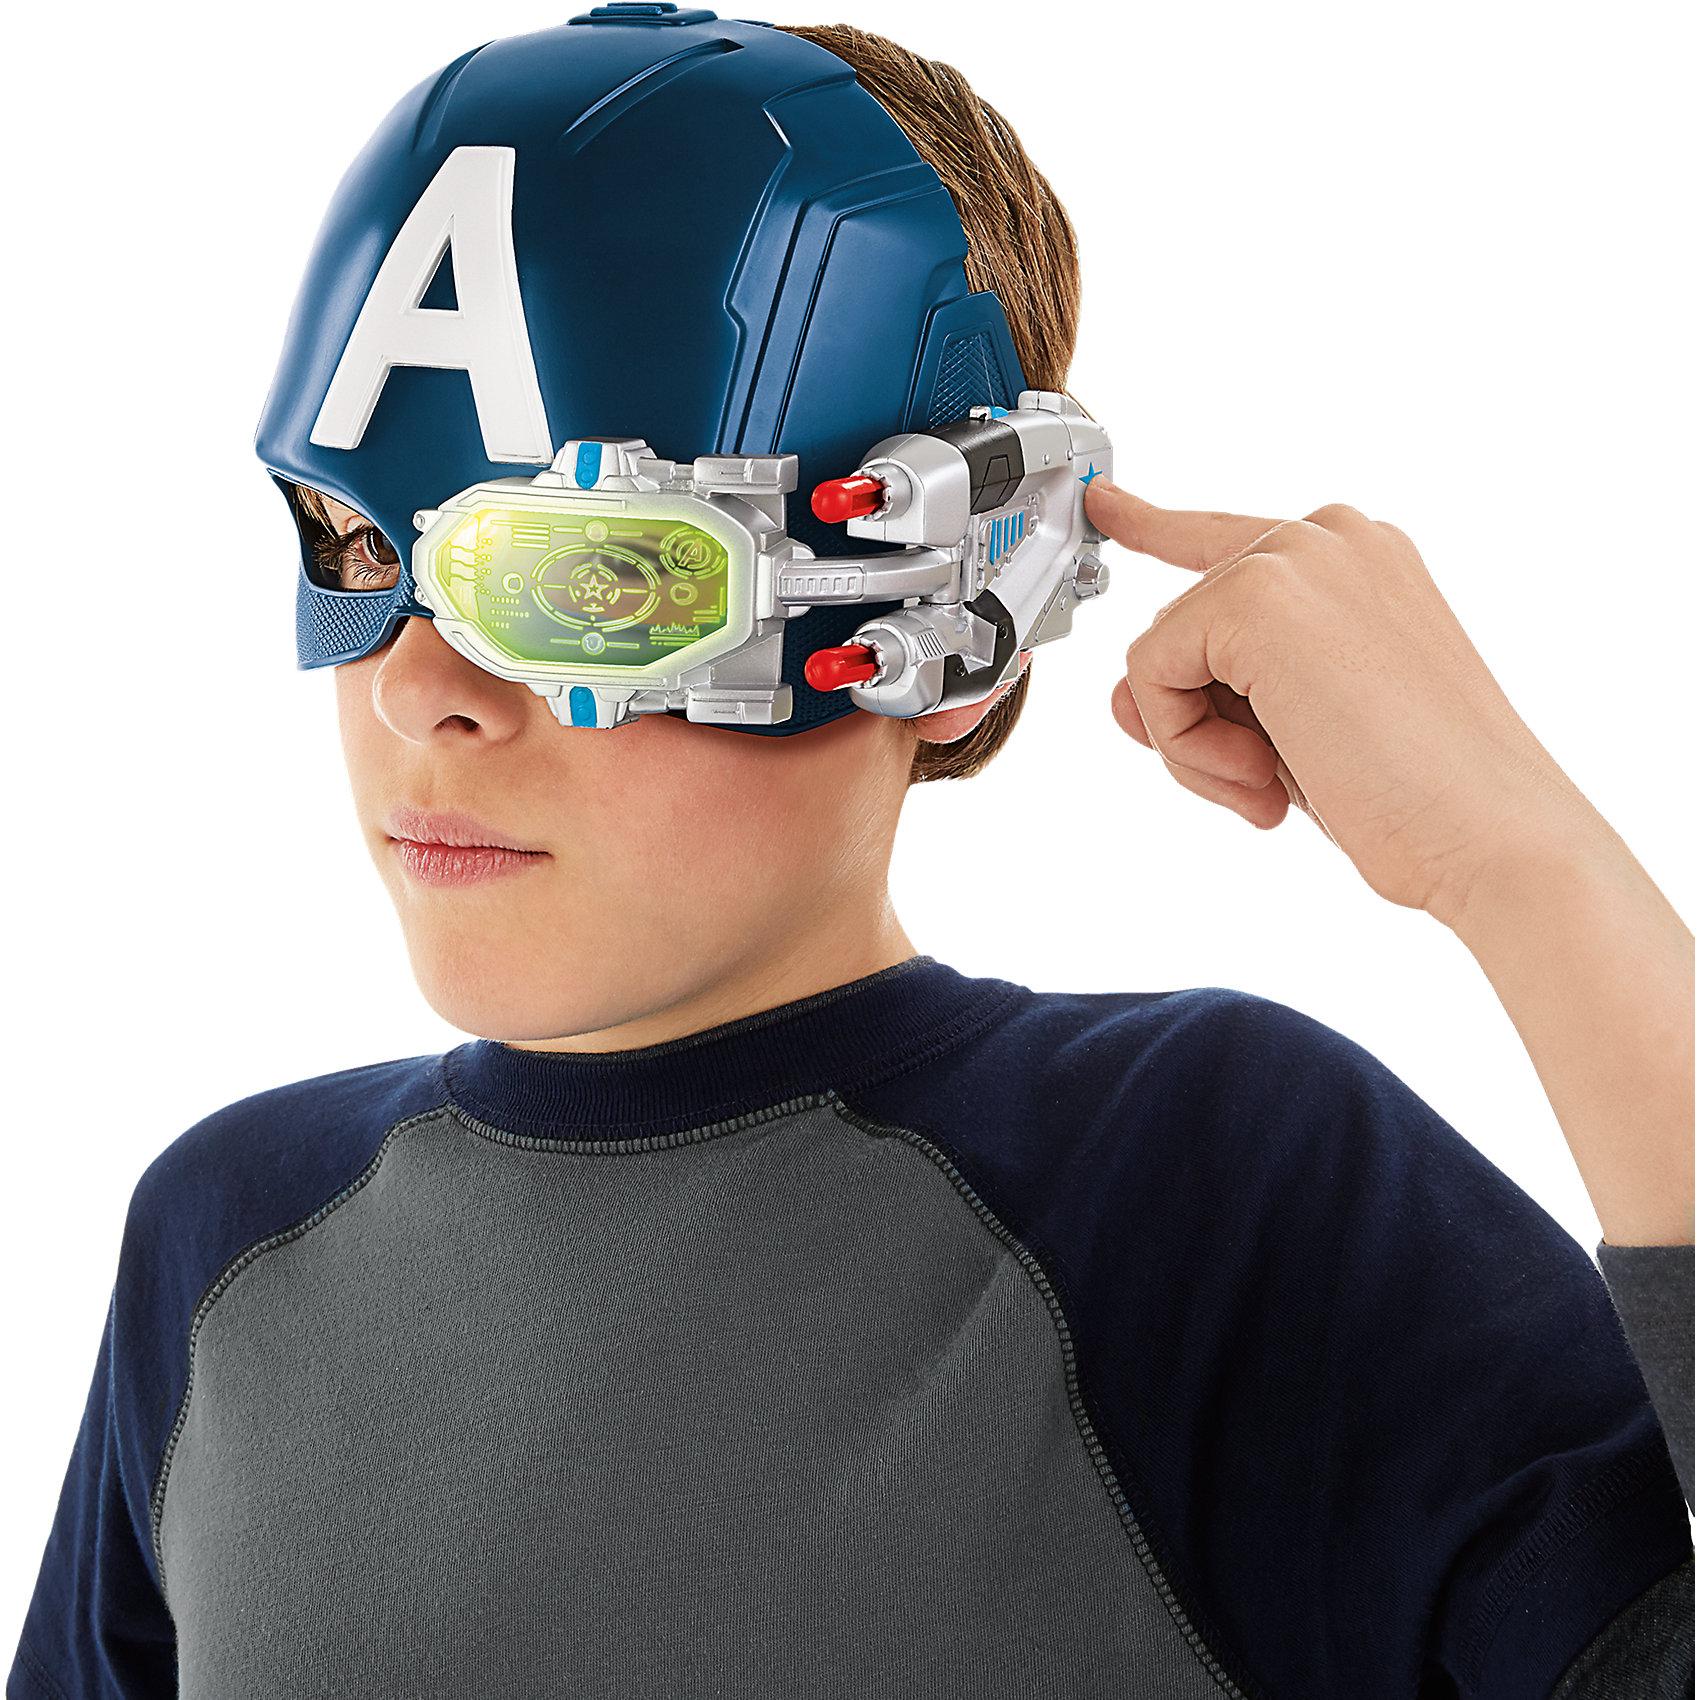 Электронный шлем Первого МстителяИгрушки<br>Электронный шлем Первого Мстителя.<br><br>Характеристики:<br><br>- В комплекте: шлем, 2 снаряда<br>- Батарейки: 3 типа LR44 (входят в комплект)<br>- Материал: пластик<br>- Цвет: синий<br>- Размер упаковки: 22,9х14х26,7 см.<br><br>Электронная шлем одного из самых известных супергероев Марвел – Капитана Америки – поможет юному поклоннику приключений Мстителей перевоплотиться в любимого героя и даже обрести часть его сверхчеловеческих способностей! Игровой шлем самого патриотичного из супергероев Мстителя выполнен в точном соответствии со своим комикс-прототипом, полностью повторяя внешний вид элемента костюма супергероя. Он такого же синего цвета, как и у Первого Мстителя, и с той же буквой А, обозначающей его псевдоним. В шлем, скрывающий глаза, встроено специальное устройство, позволяющее видеть в темноте и в инфракрасном свете. К височной части шлема прикреплён миниатюрный бластер, выстреливающий двумя снарядами (поочередно)! Размер электронного шлема Первого мстителя регулируется с помощью специального ремешка. Шлем изготовлен из качественного и нетоксичного пластика.<br><br>Электронный шлем Первого Мстителя можно купить в нашем интернет-магазине.<br><br>Ширина мм: 271<br>Глубина мм: 228<br>Высота мм: 143<br>Вес г: 388<br>Возраст от месяцев: 60<br>Возраст до месяцев: 120<br>Пол: Мужской<br>Возраст: Детский<br>SKU: 4326304